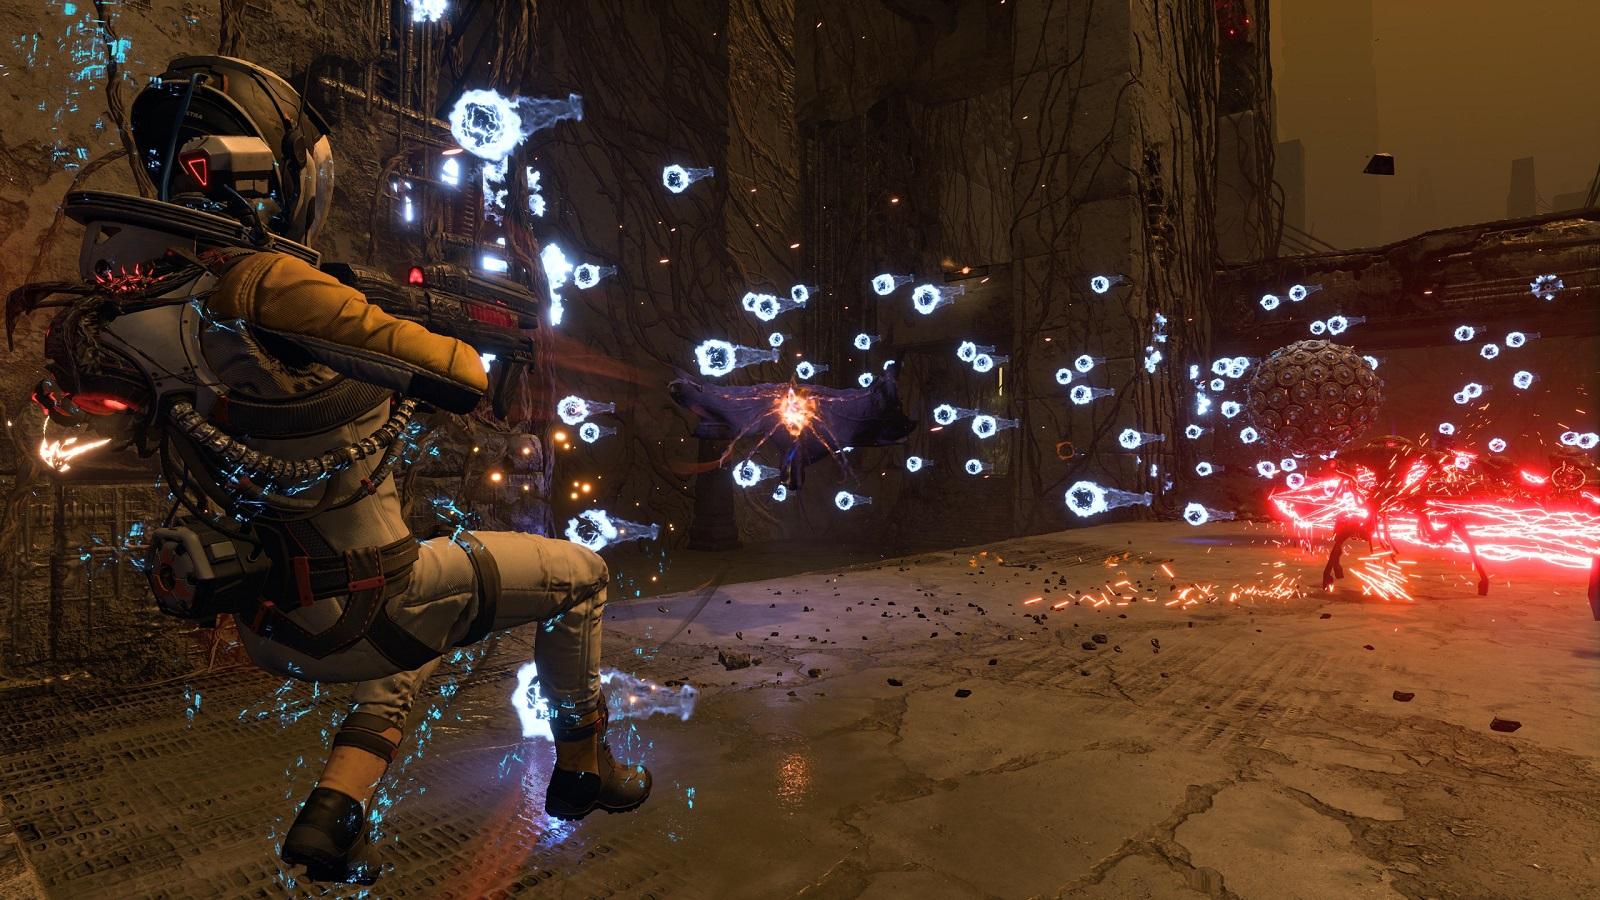 Разработчики Returnal признали основные проблемы игры, включая систему сохранений